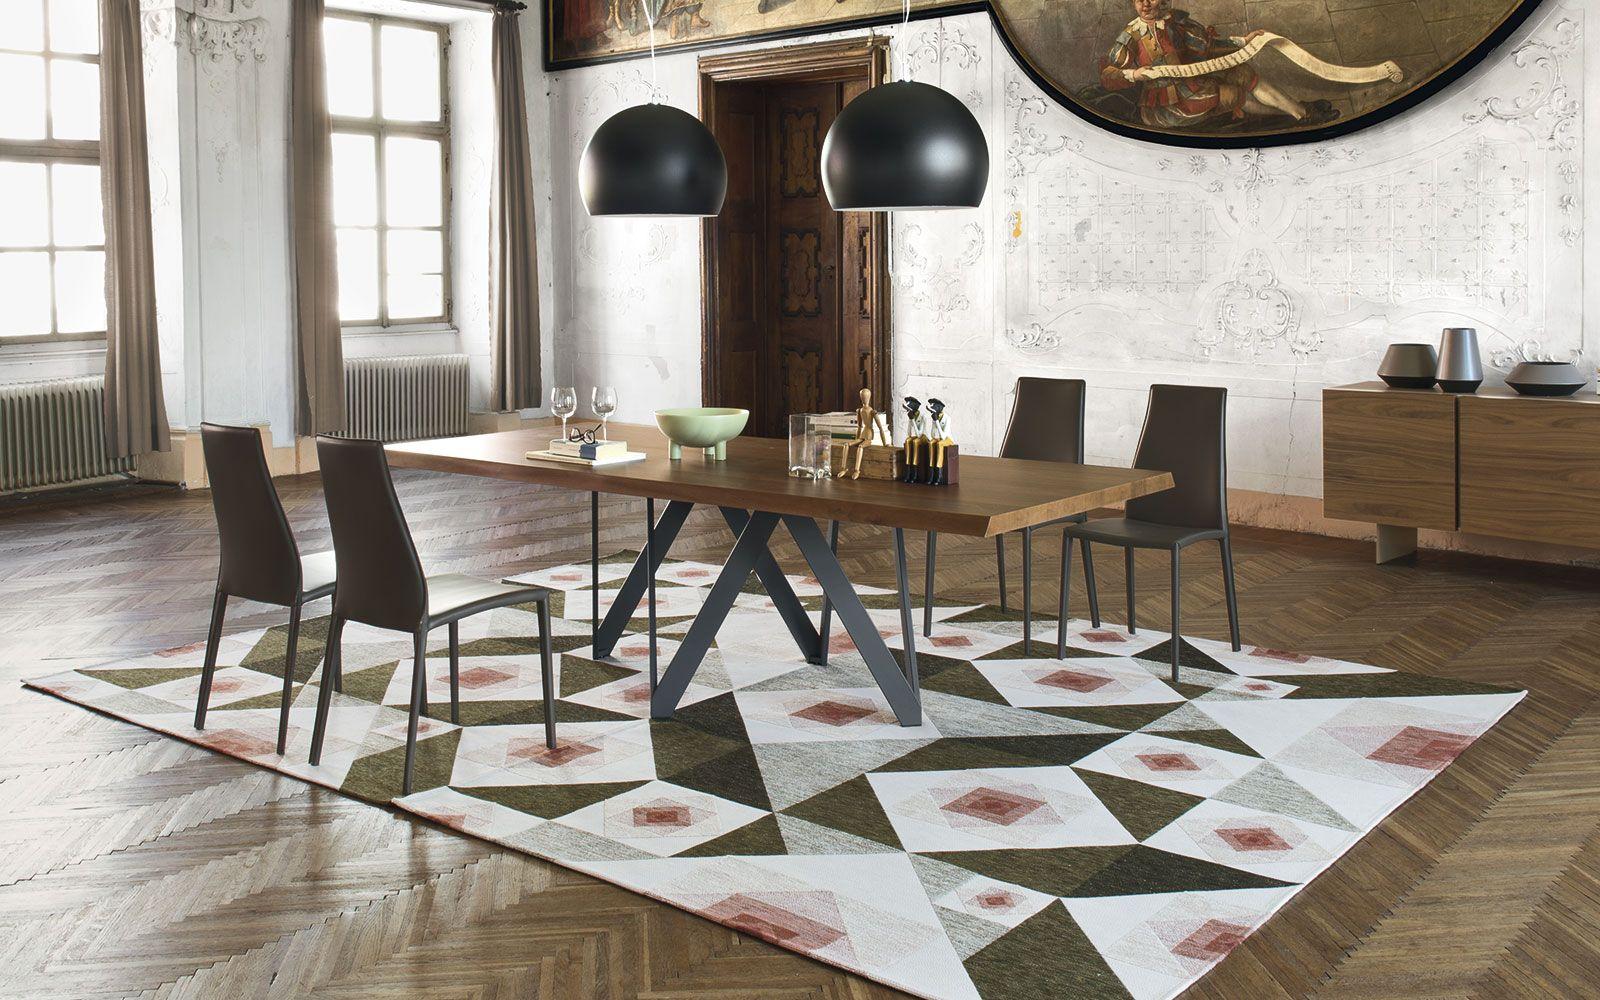 tavolo in legno con base in metallo cartesio  calligaris cs  - tavolo in legno con base in metallo cartesio  calligaris csr  soggiorno  pinterest  wood table woods and tables